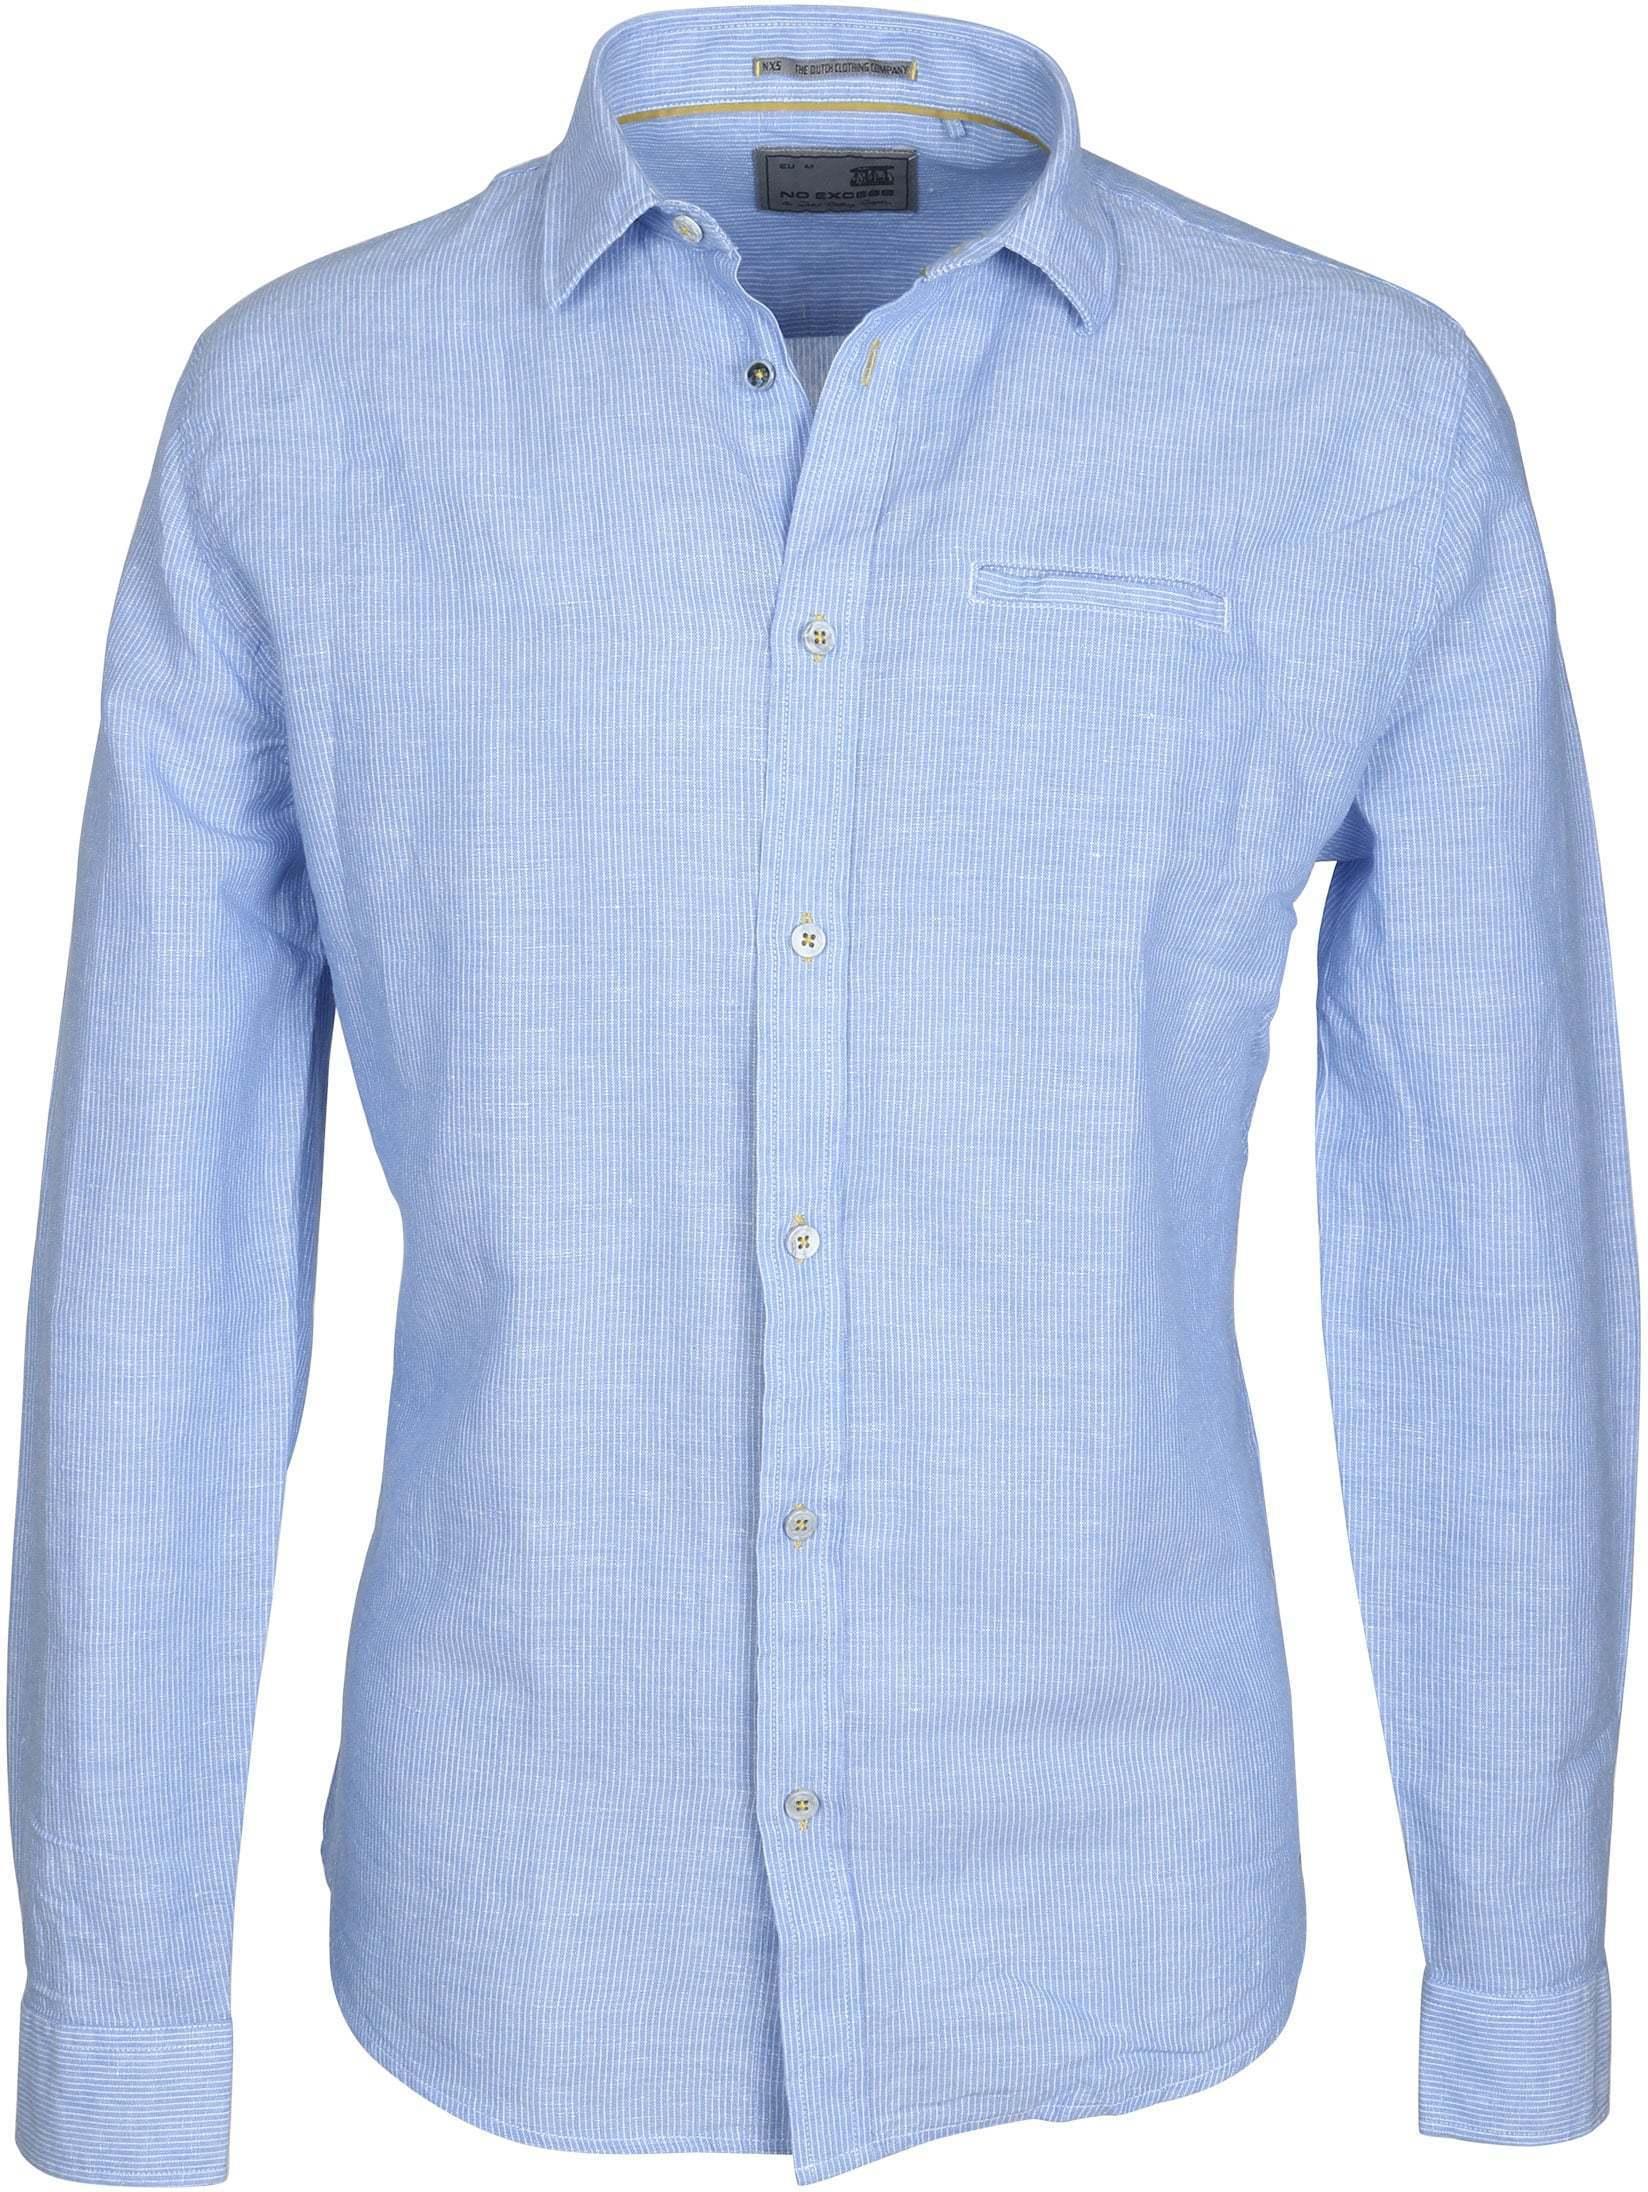 No-Excess Hemd Blau Streifen foto 0